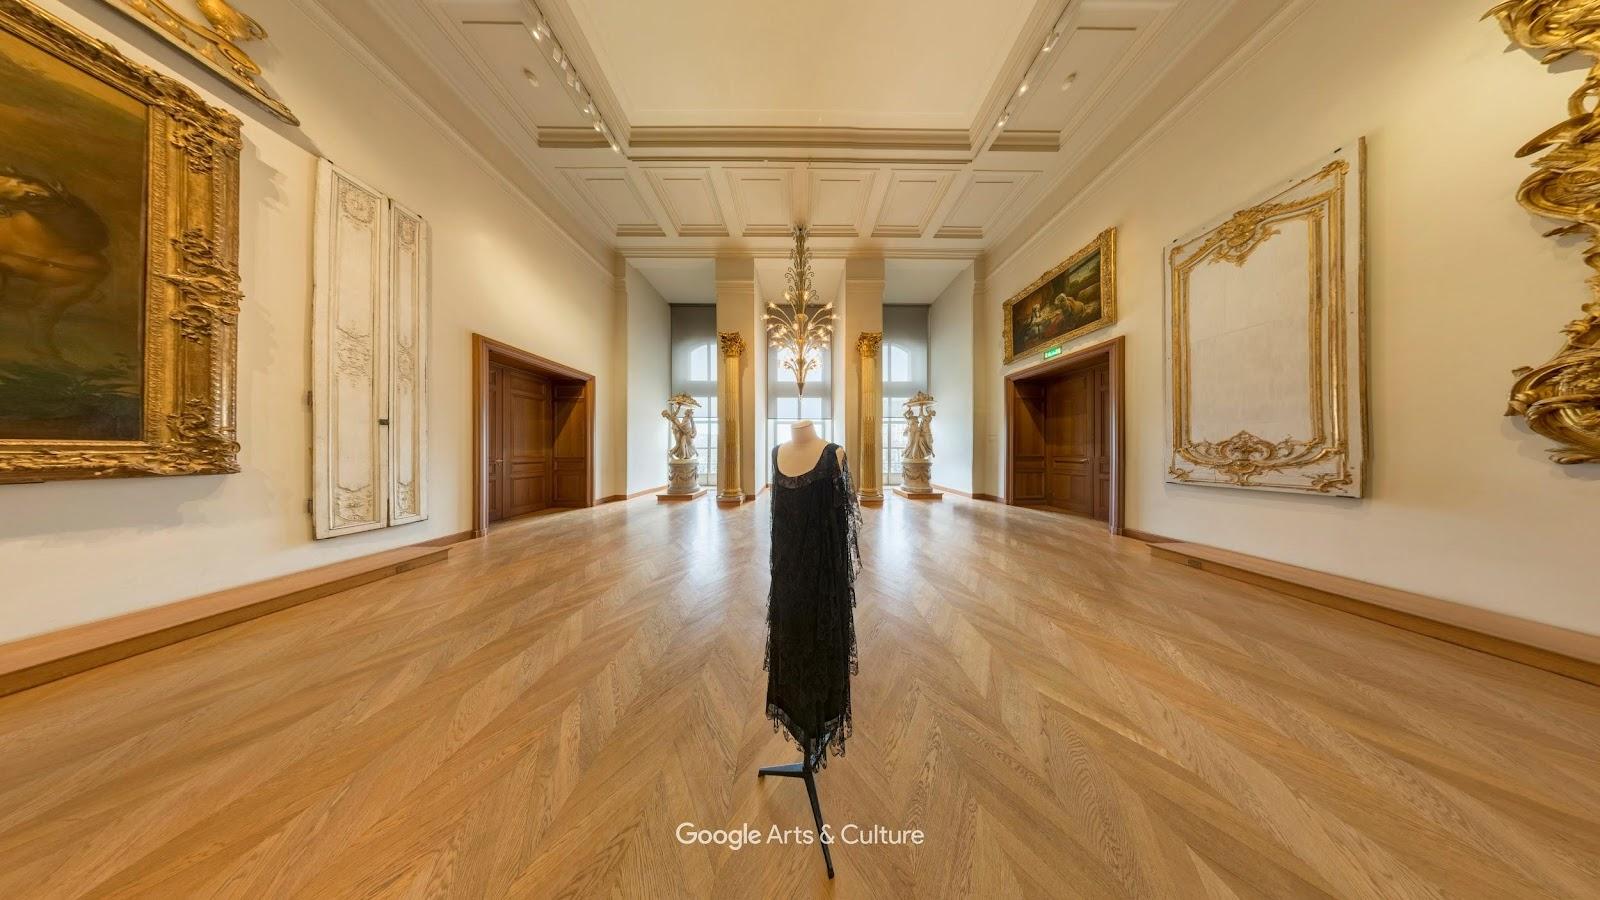 3a6a6a62a 3000 anos de moda mundial ficam, disponíveis na maior exposição virtual  deste tipo jamais realizada. O projecto